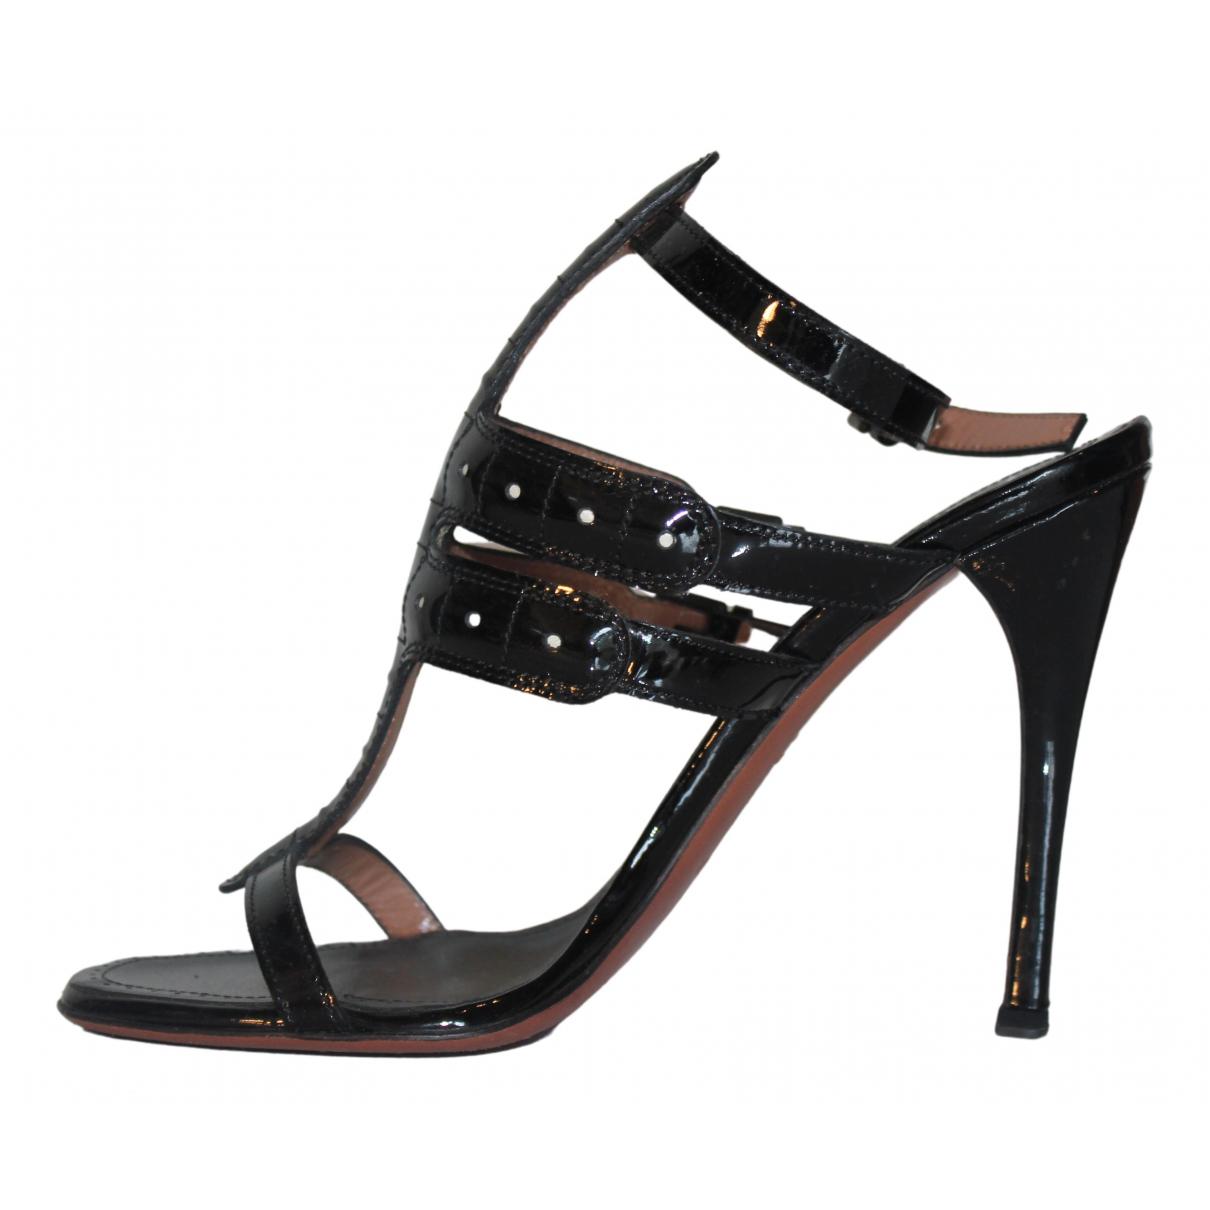 Alaïa N Black Patent leather Sandals for Women 38 EU